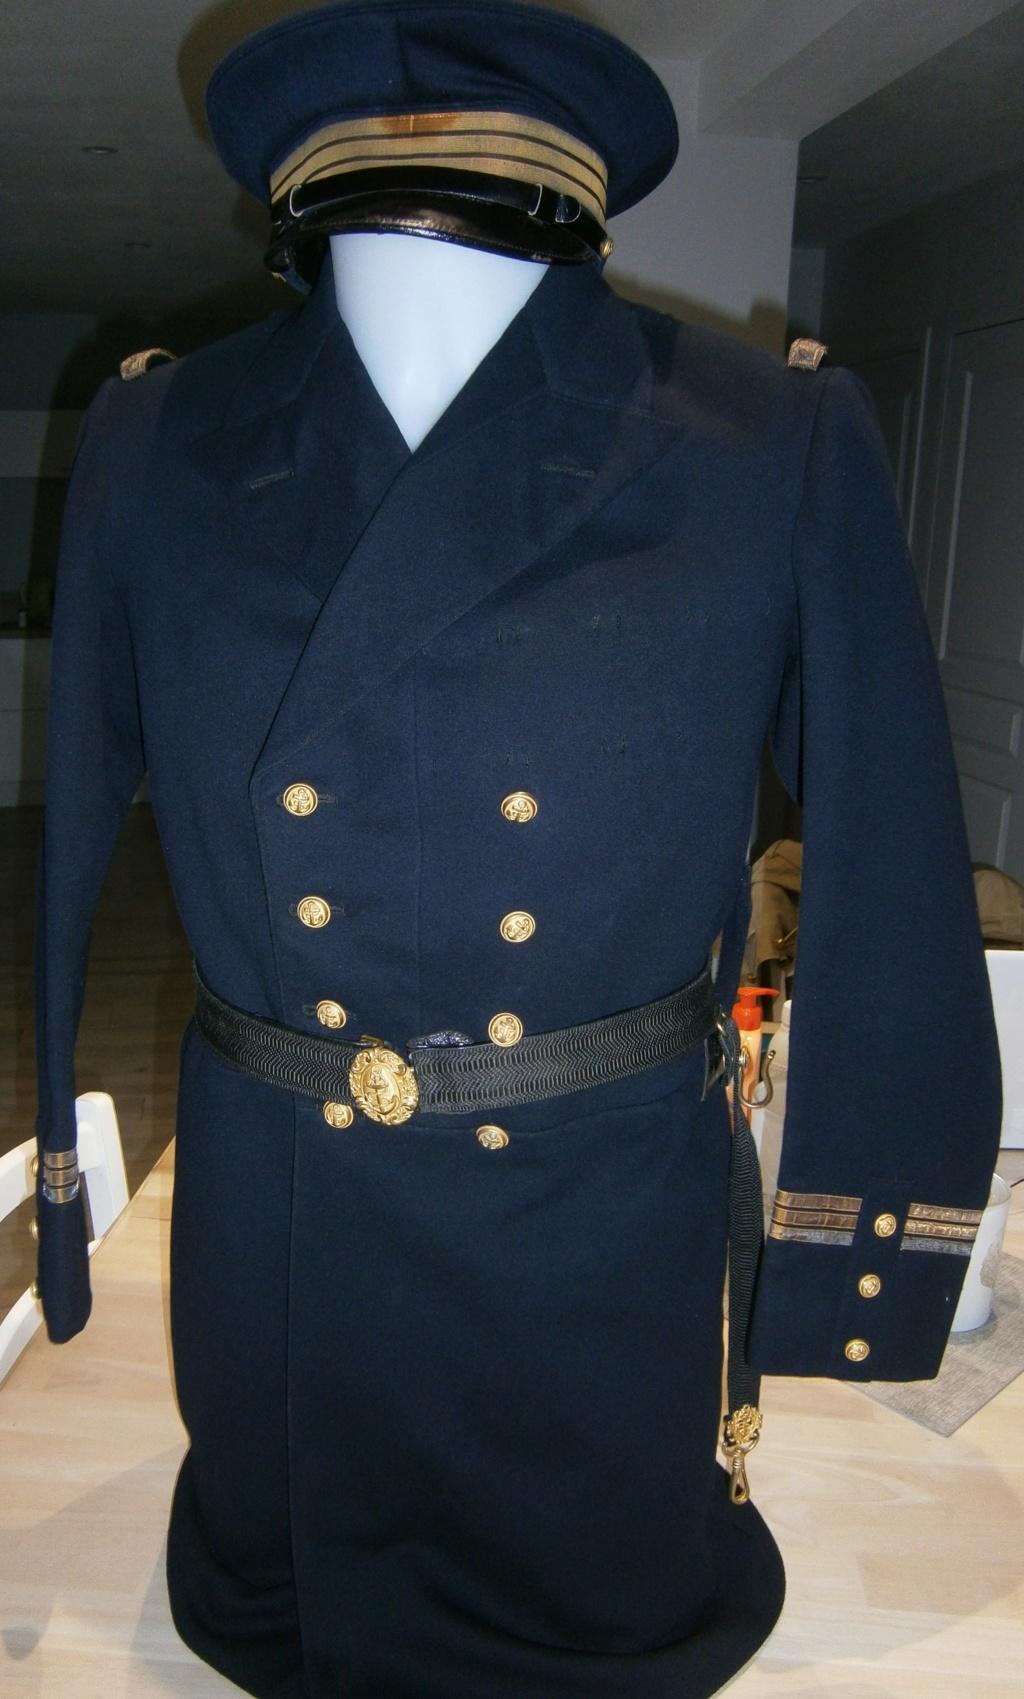 demande de renseignements concernant une rentrée d'uniforme de la marine Pc120013